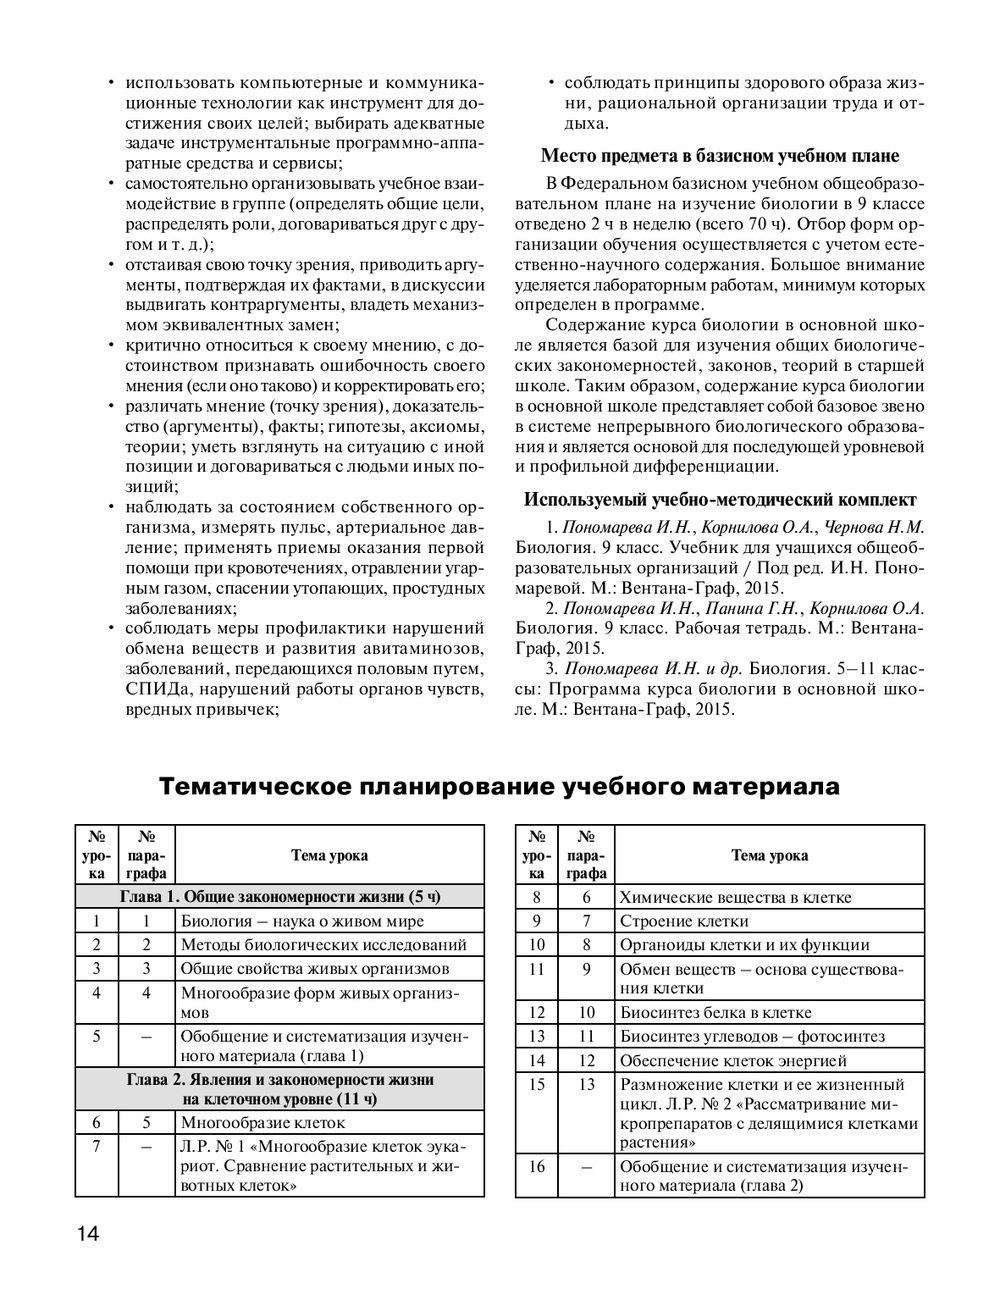 Контрольные срезы по биологии 10-11 класс умк пономаревой